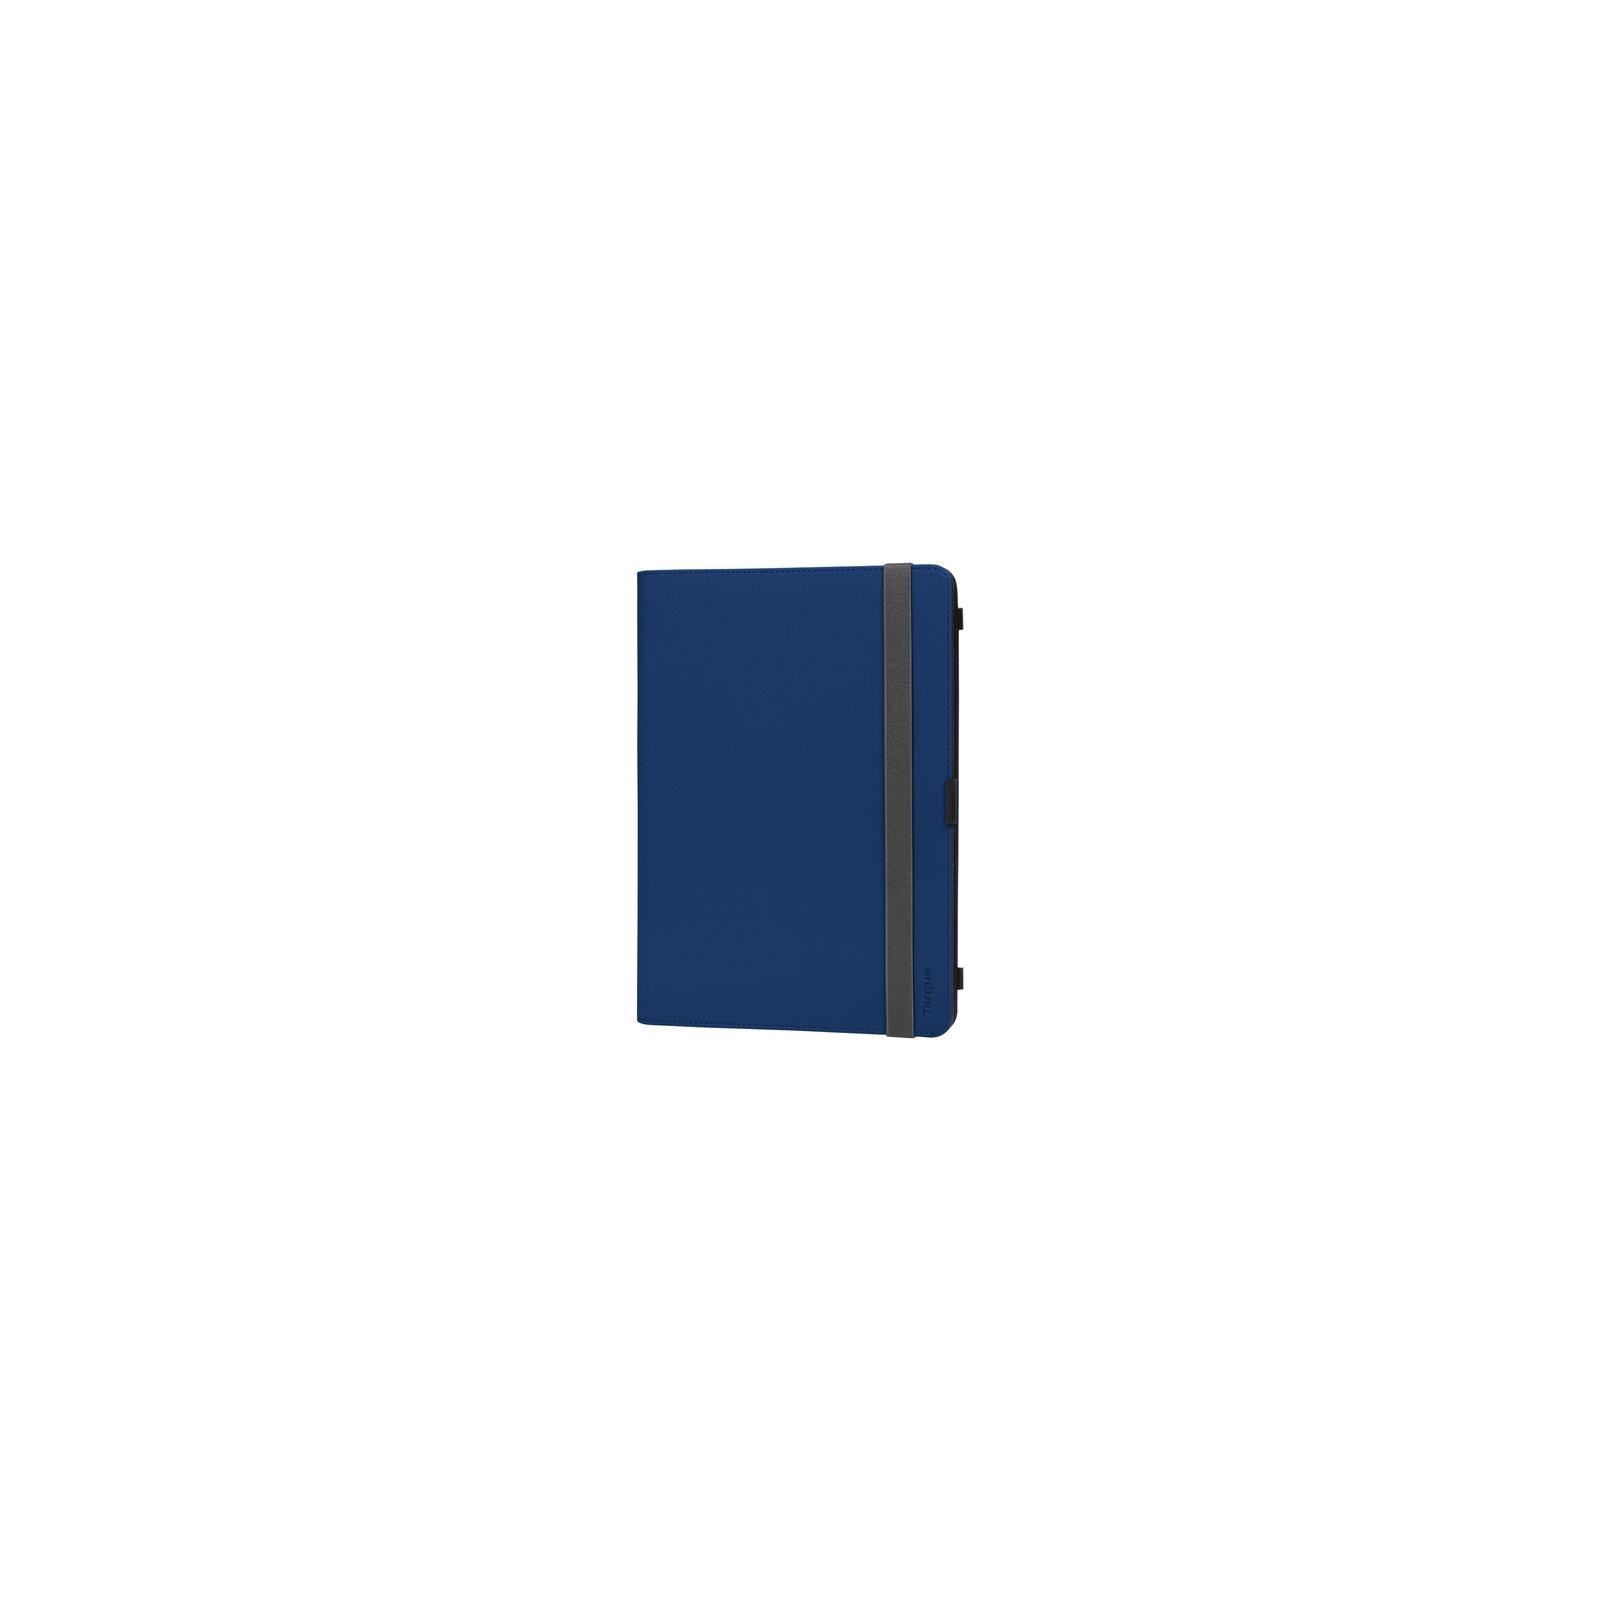 """Чехол для планшета Targus 9-10"""" Universal BLUE book (THZ33902EU) изображение 4"""